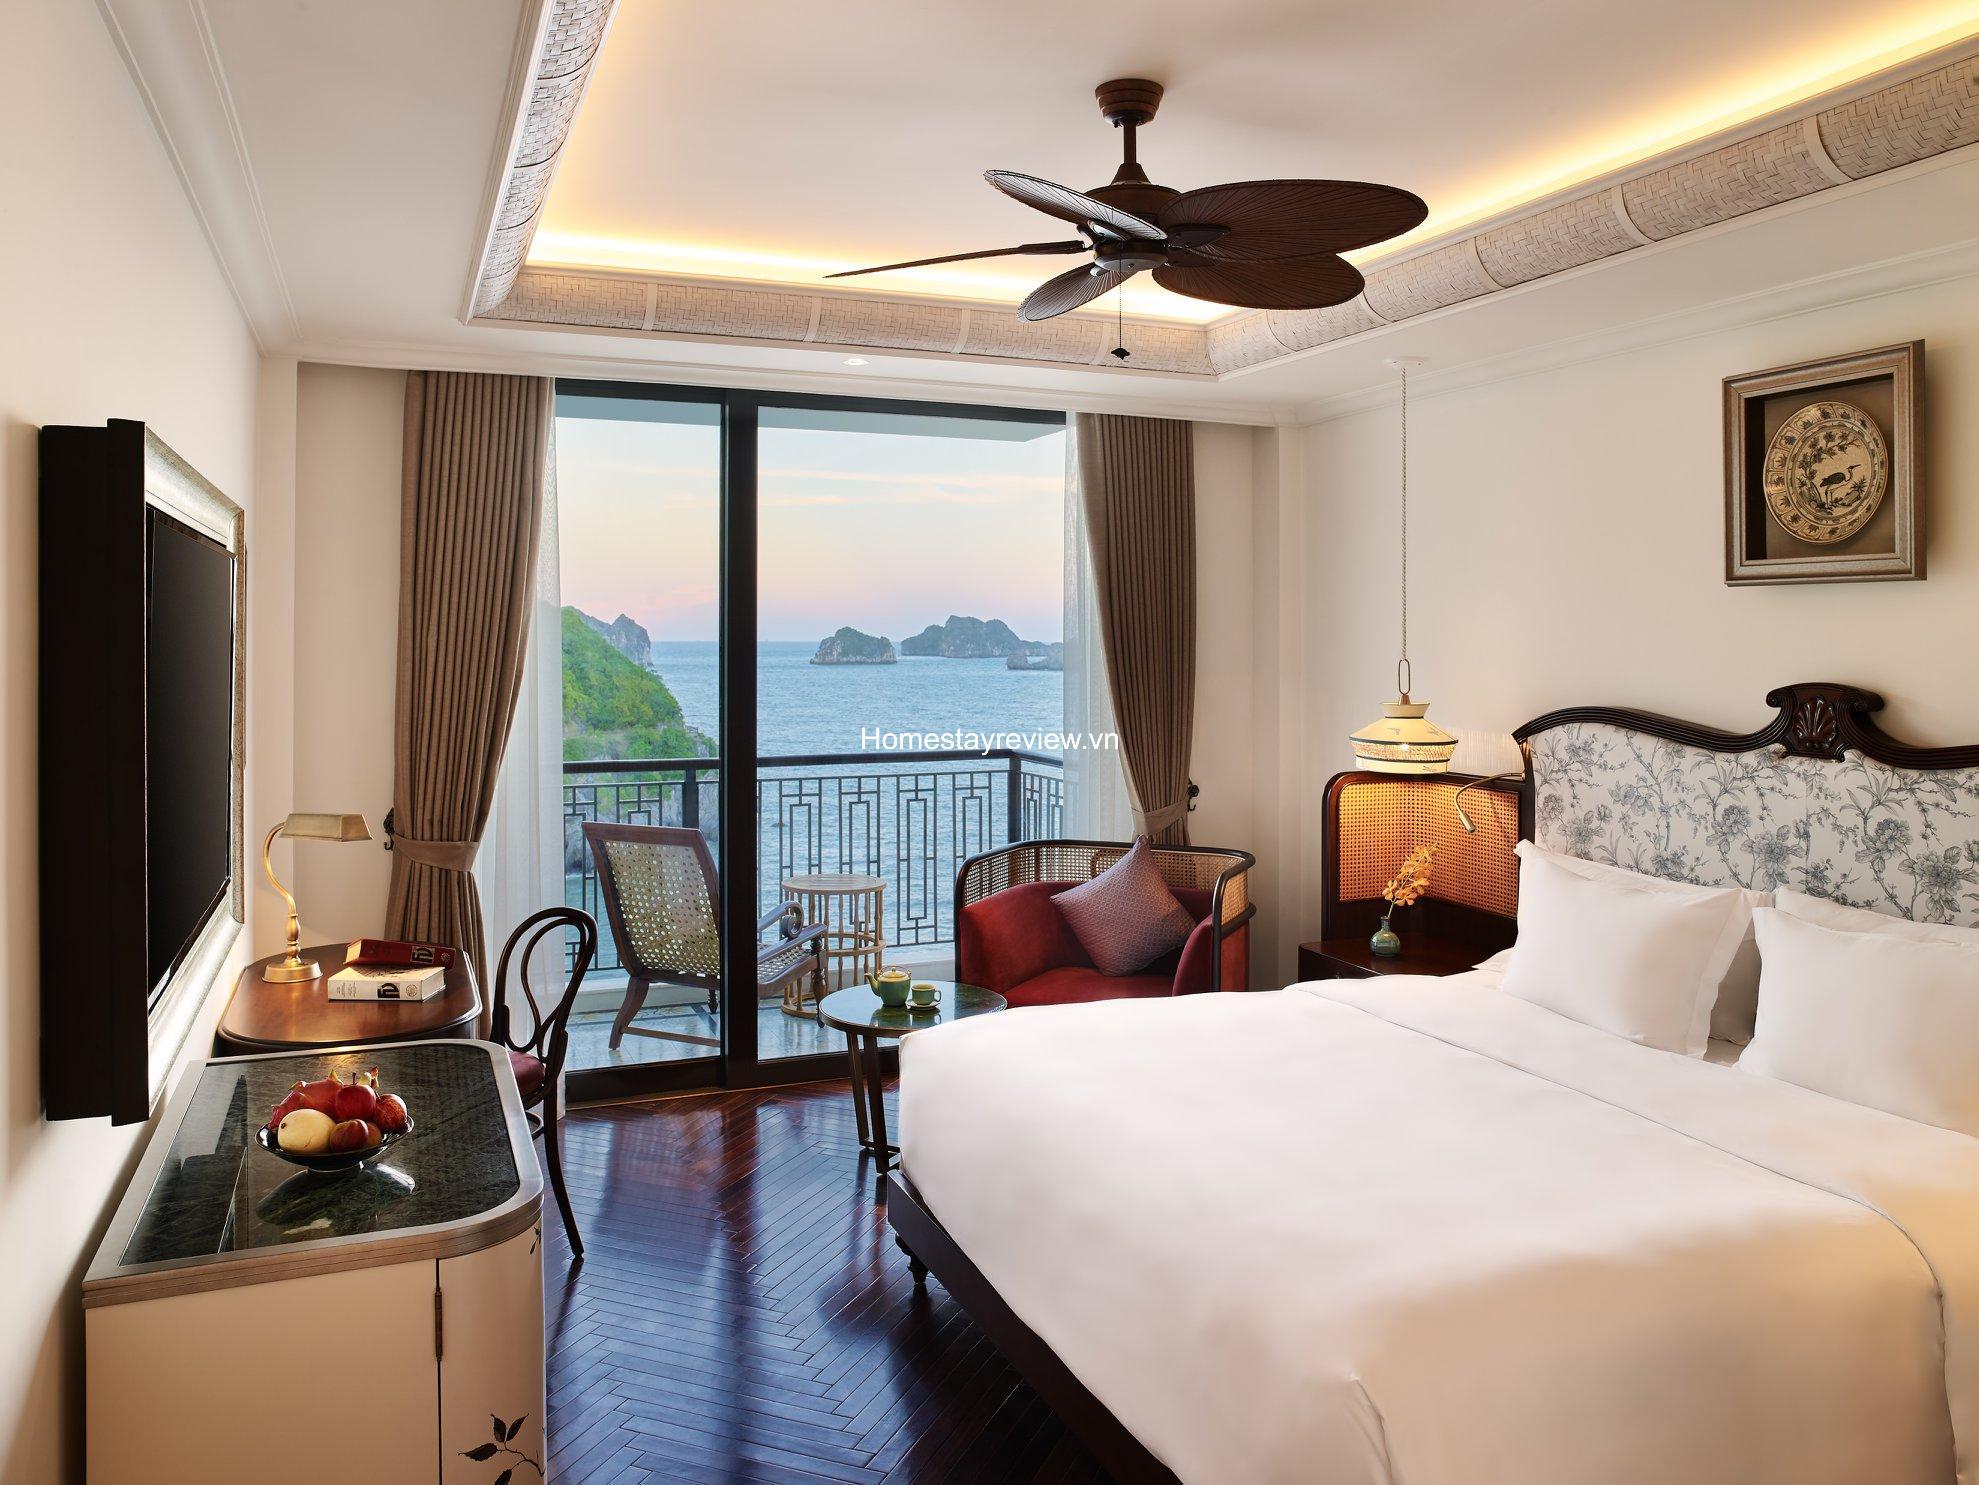 Top 20 Resort khách sạn villa nhà nghỉ homestay Cát Bà rẻ đẹp view biển